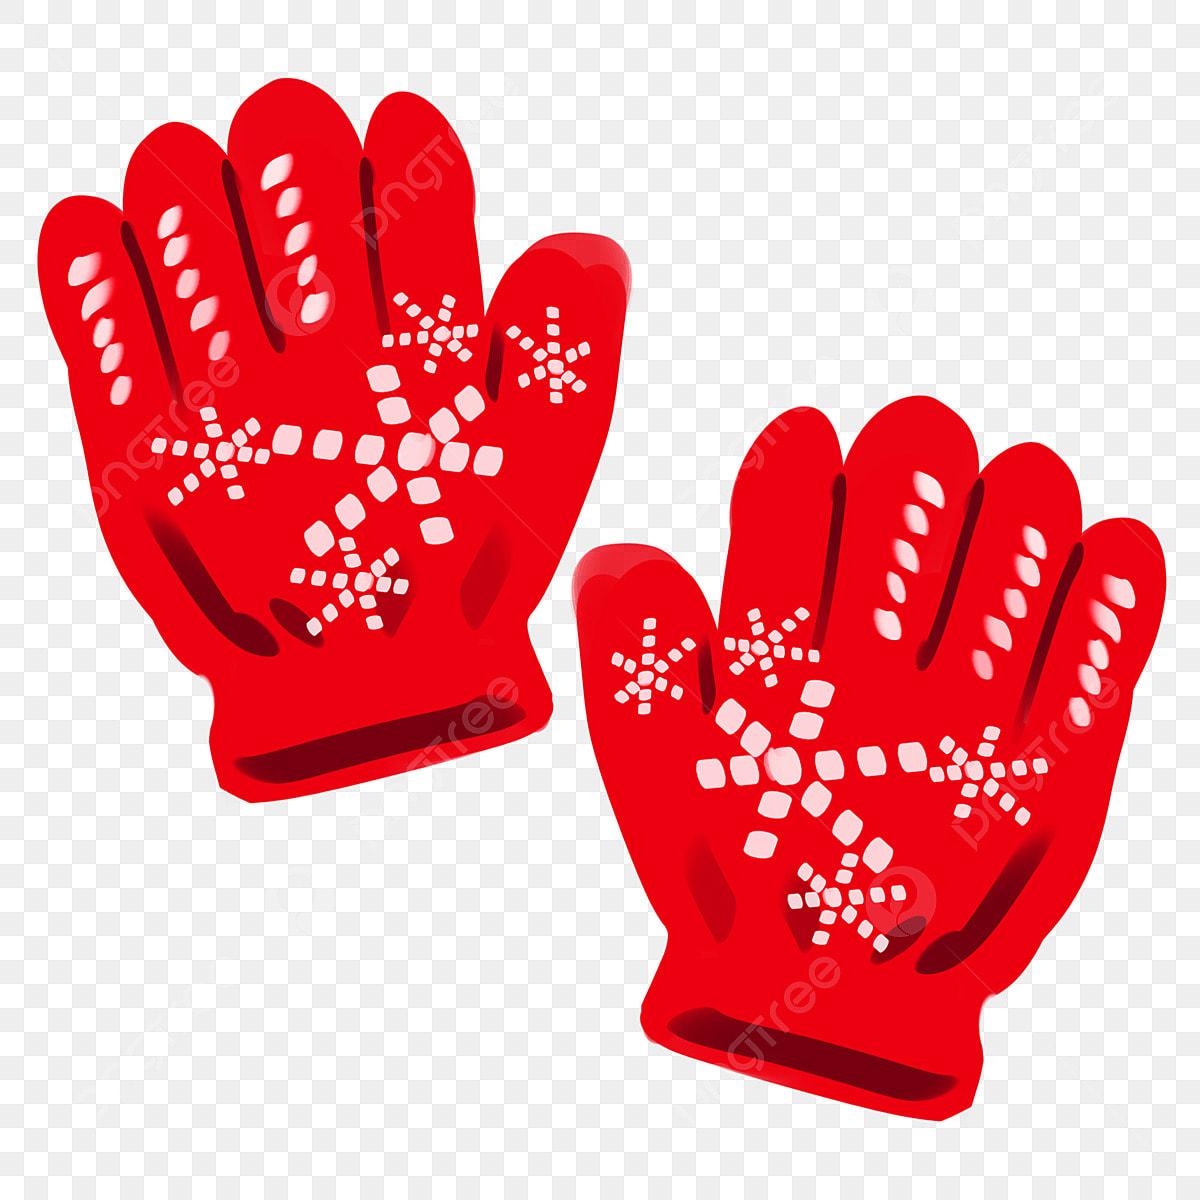 Luvas Vermelhas Luvas Bonitas Luvas Pintadas à Mão Luva De